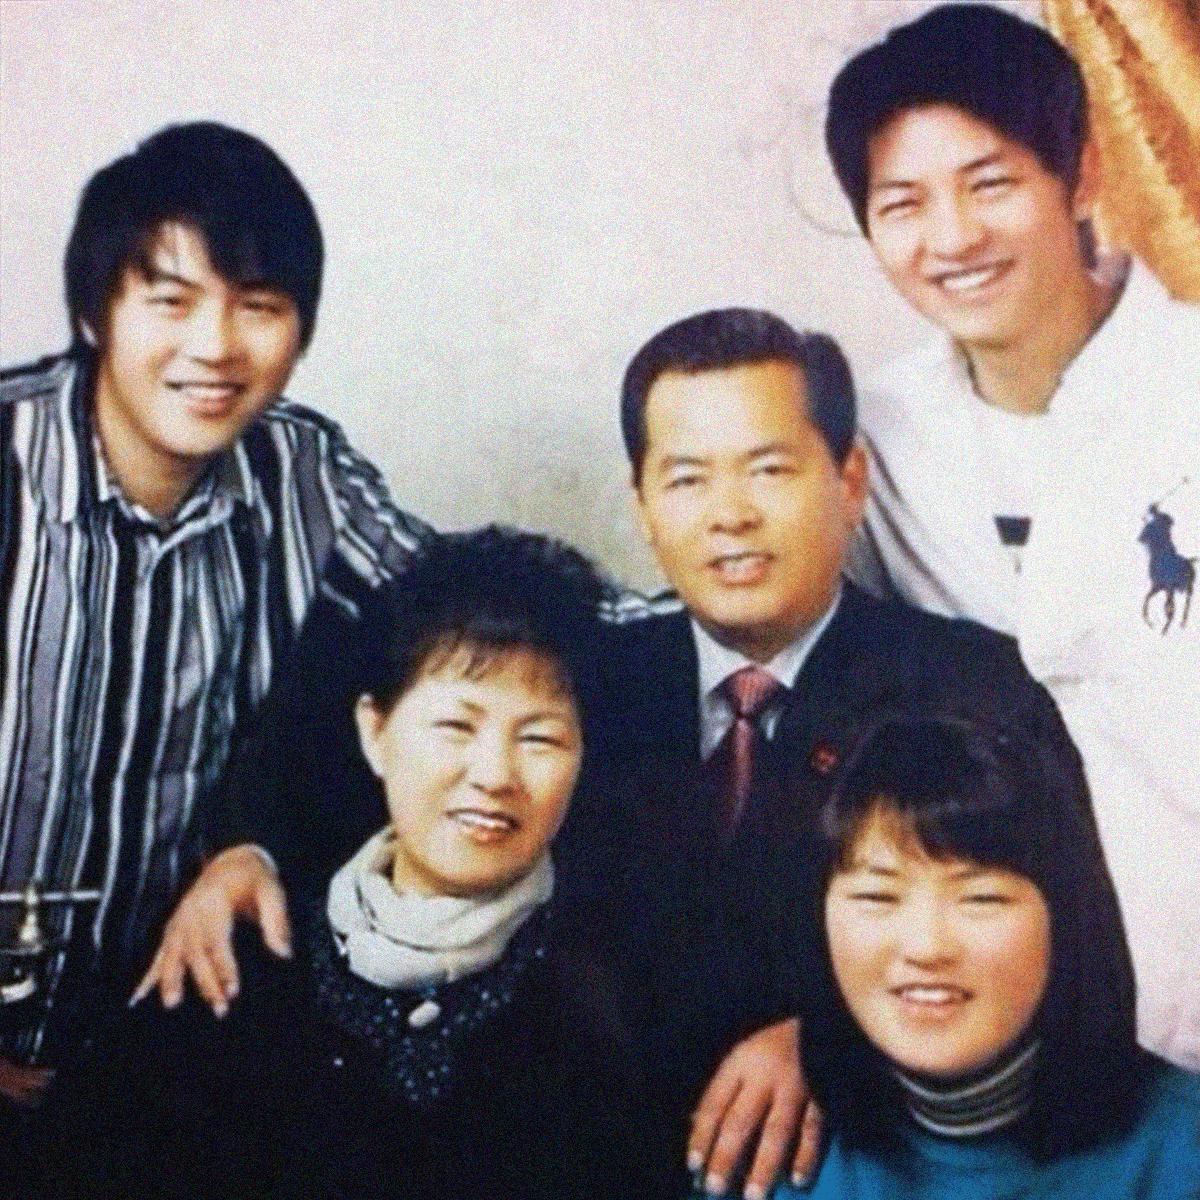 Tin nóng: Bố mẹ Song Joong Ki gặp Song Hye Kyo để bàn về đám cưới? - Ảnh 1.